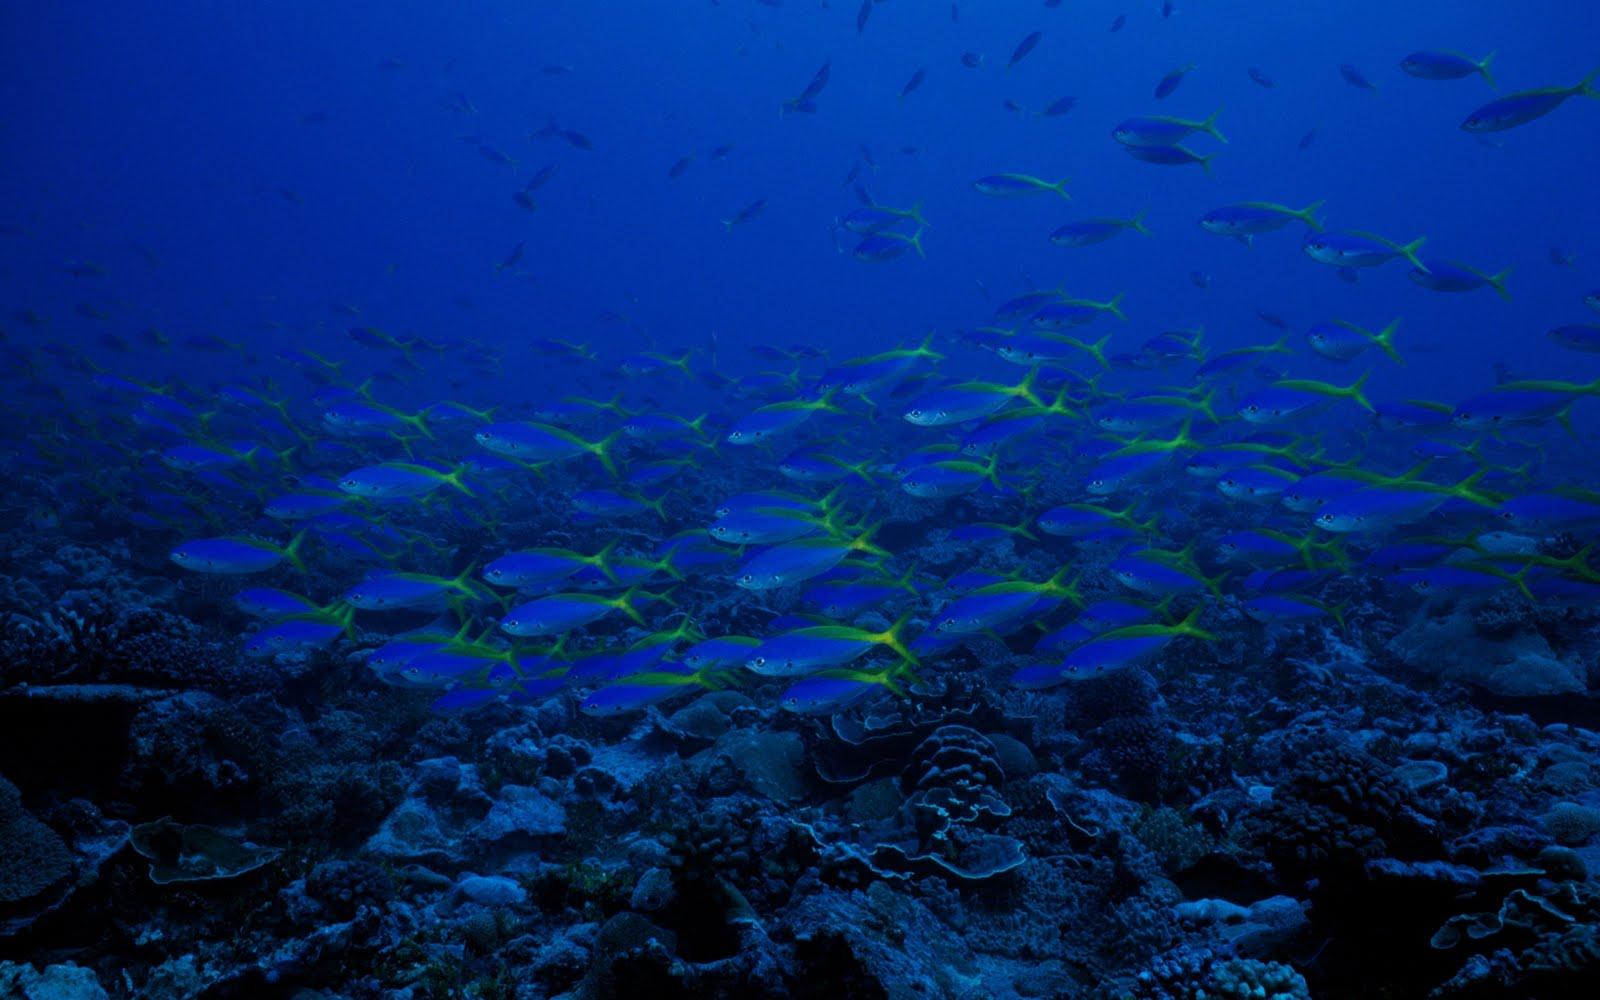 http://2.bp.blogspot.com/-q14hWtUQPnQ/Tj2ObNMi1aI/AAAAAAAAKBA/nrZOhKUATDU/s1600/Sea+Animal+HD+Wallpapers+%25282%2529.jpg